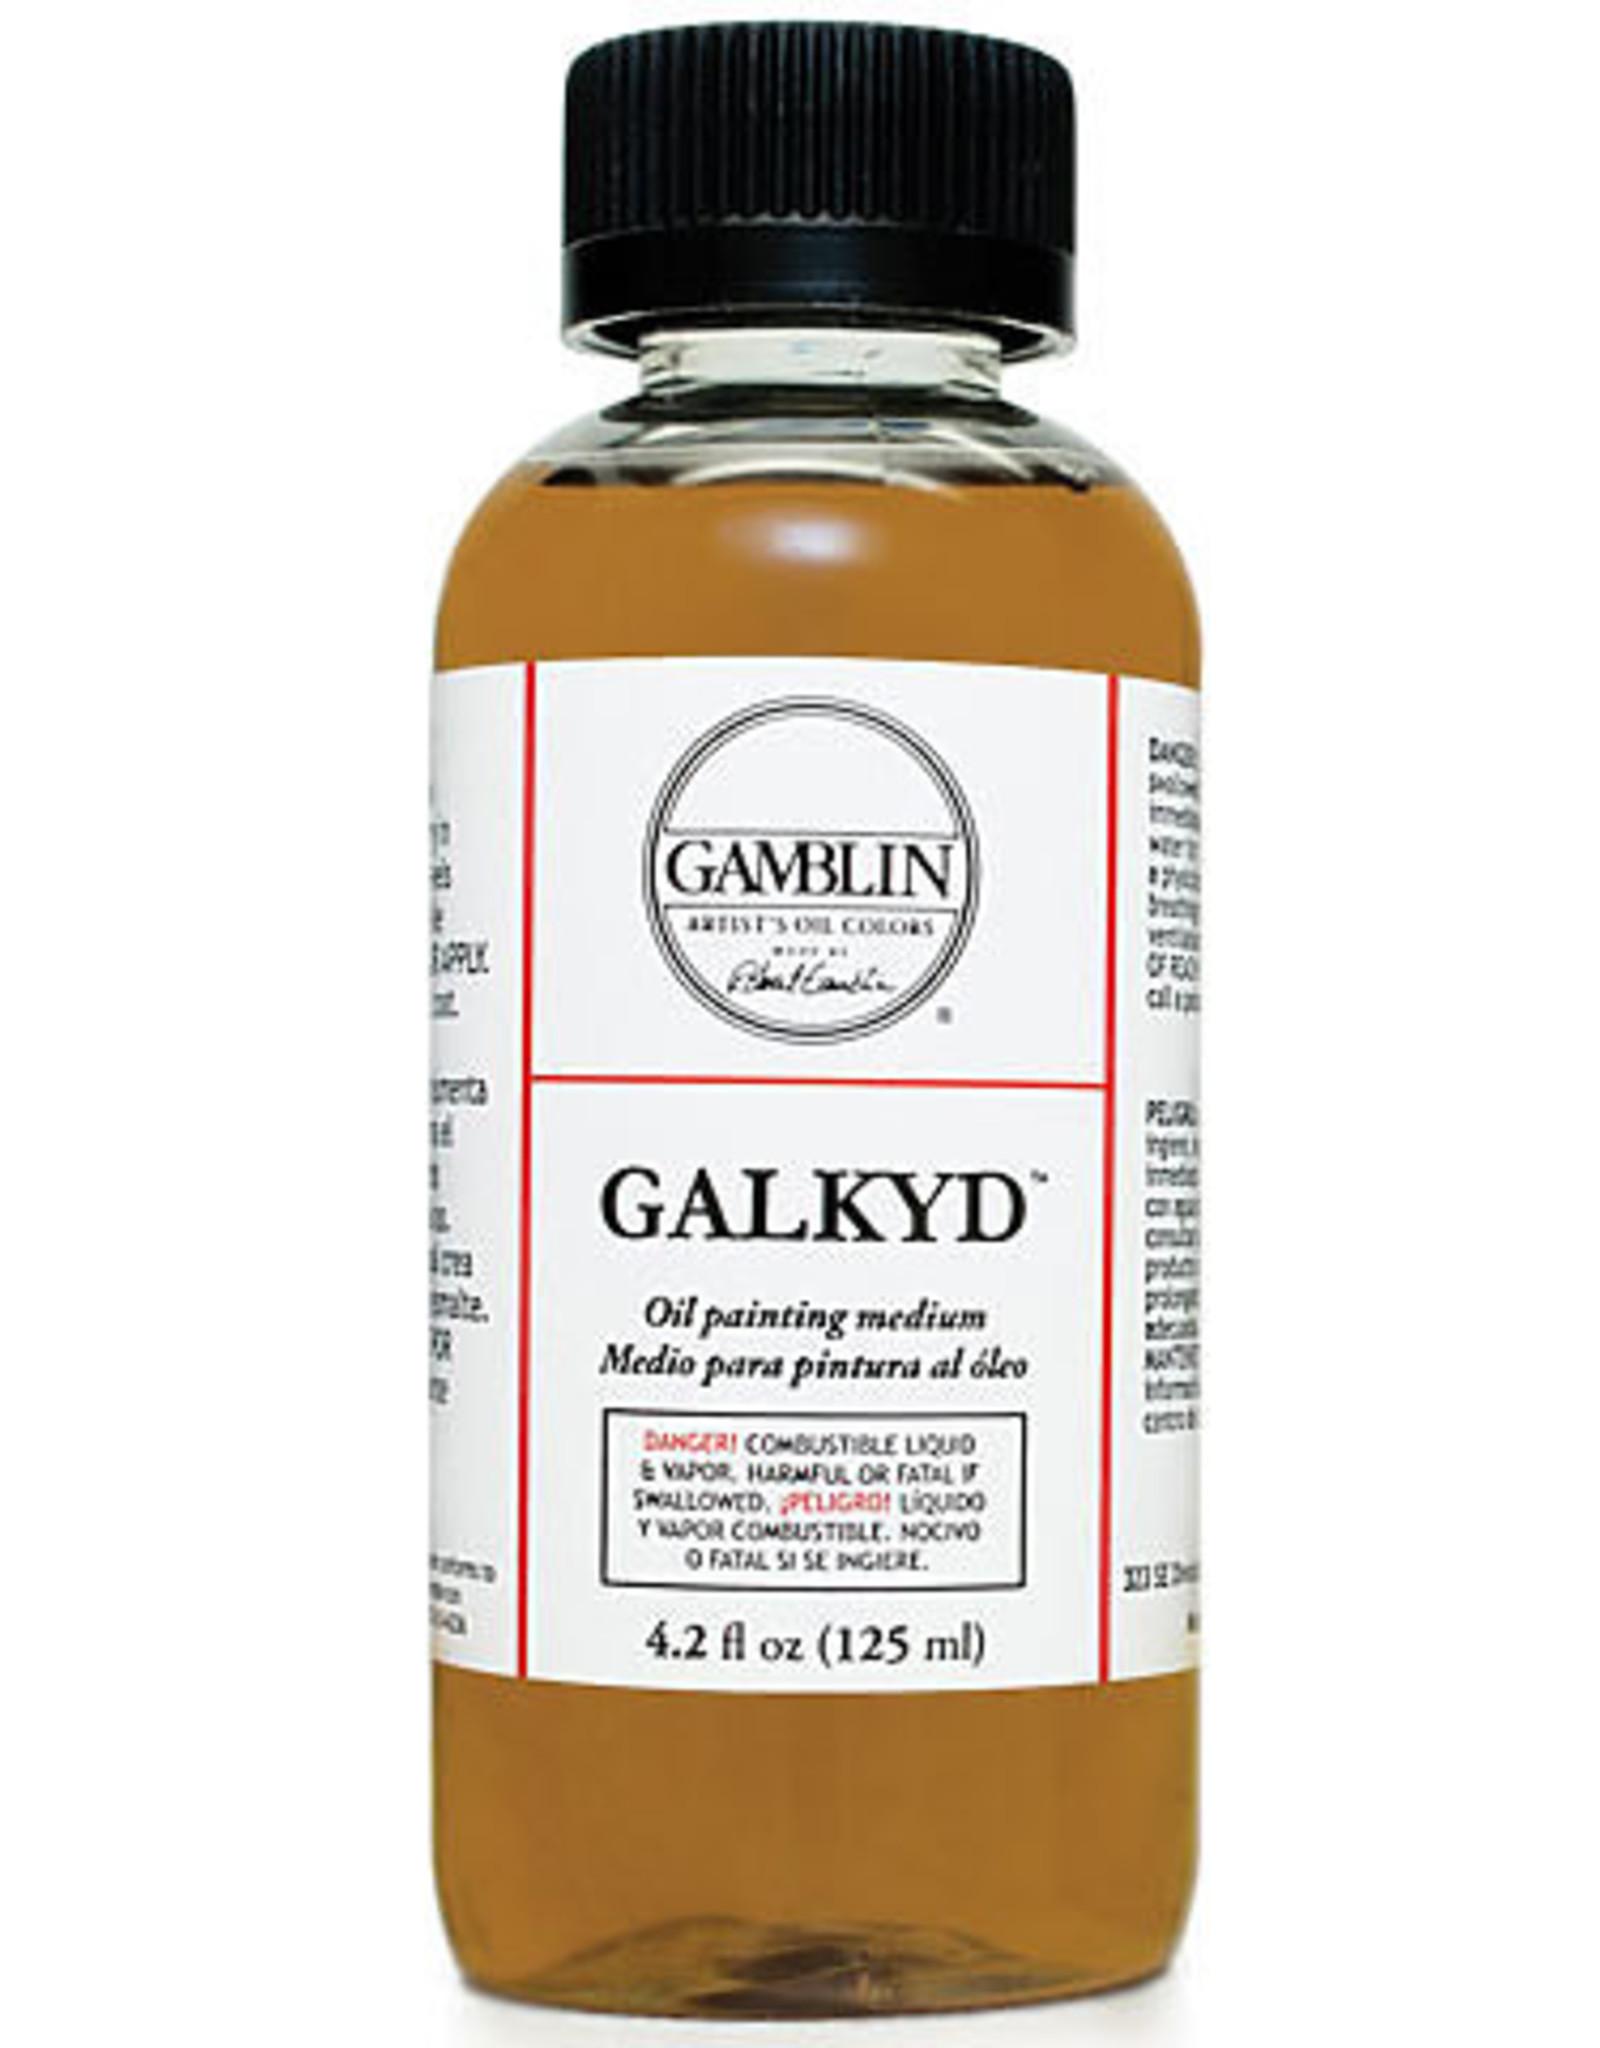 Galkyd Medium